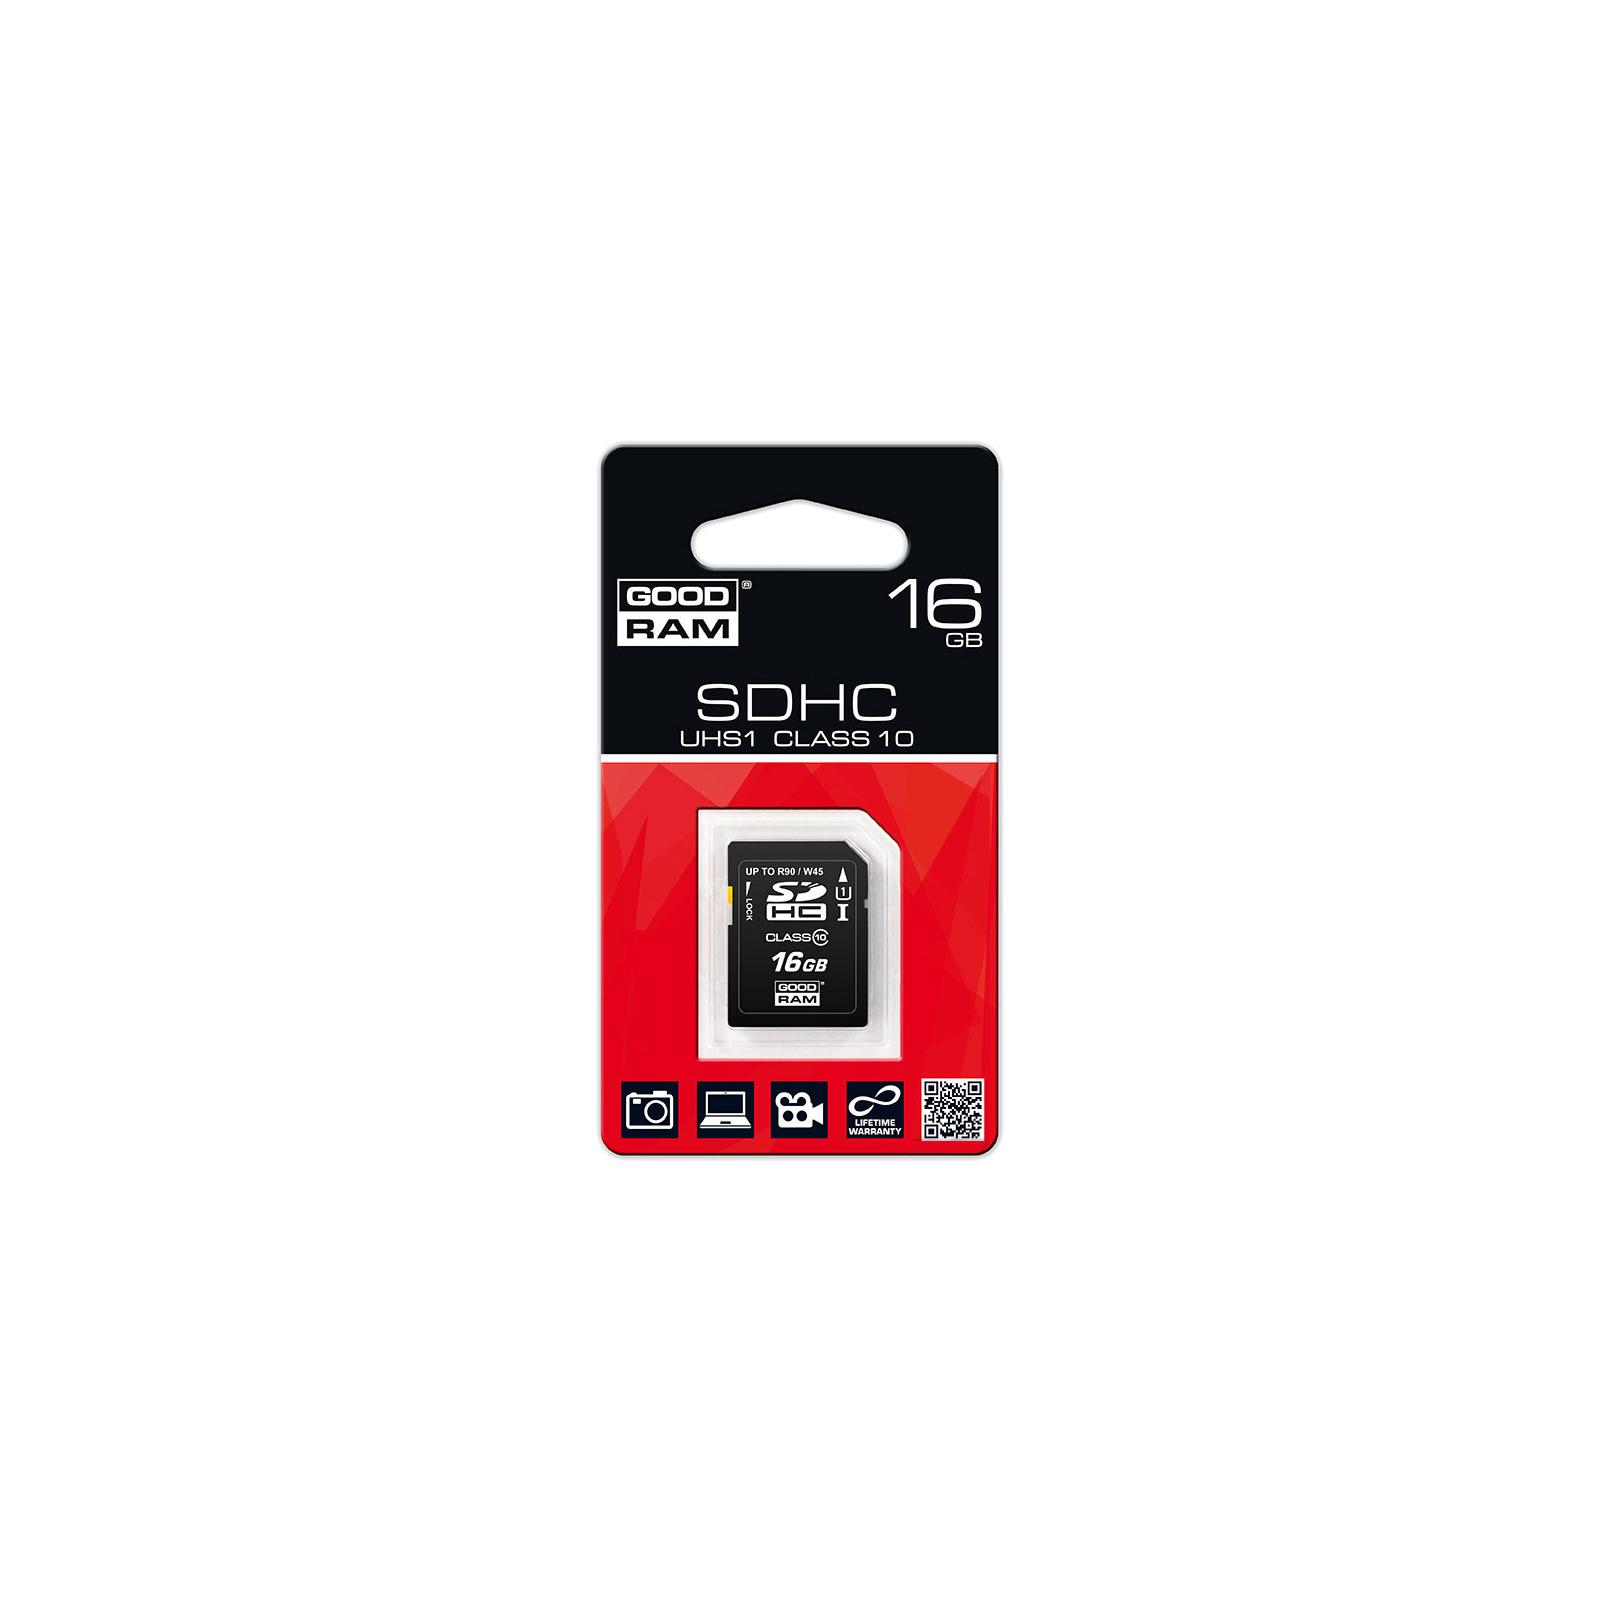 Карта памяти GOODRAM 16GB SDHC Class 10 UHS-I (SDC16GHCUHS1GRR10) изображение 2